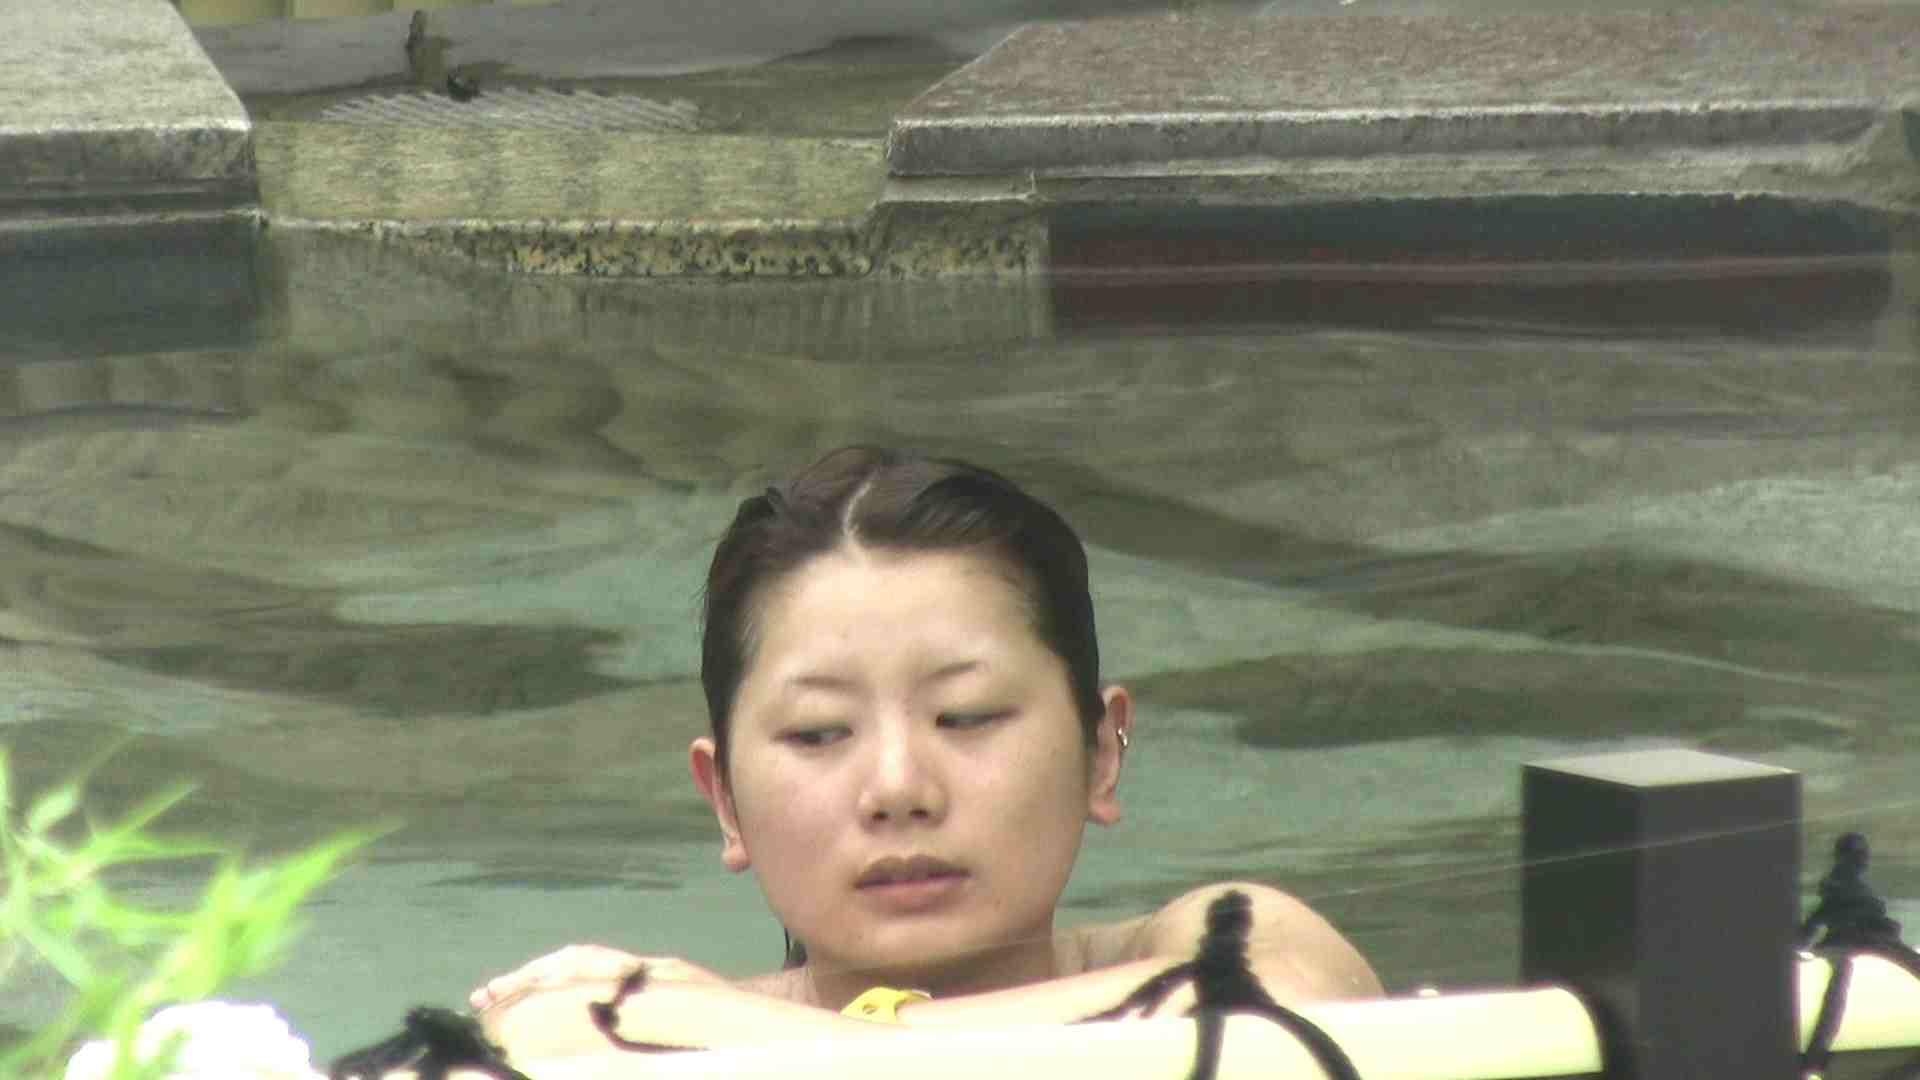 Aquaな露天風呂Vol.19【VIP】 美しいOLの裸体  106pic 3